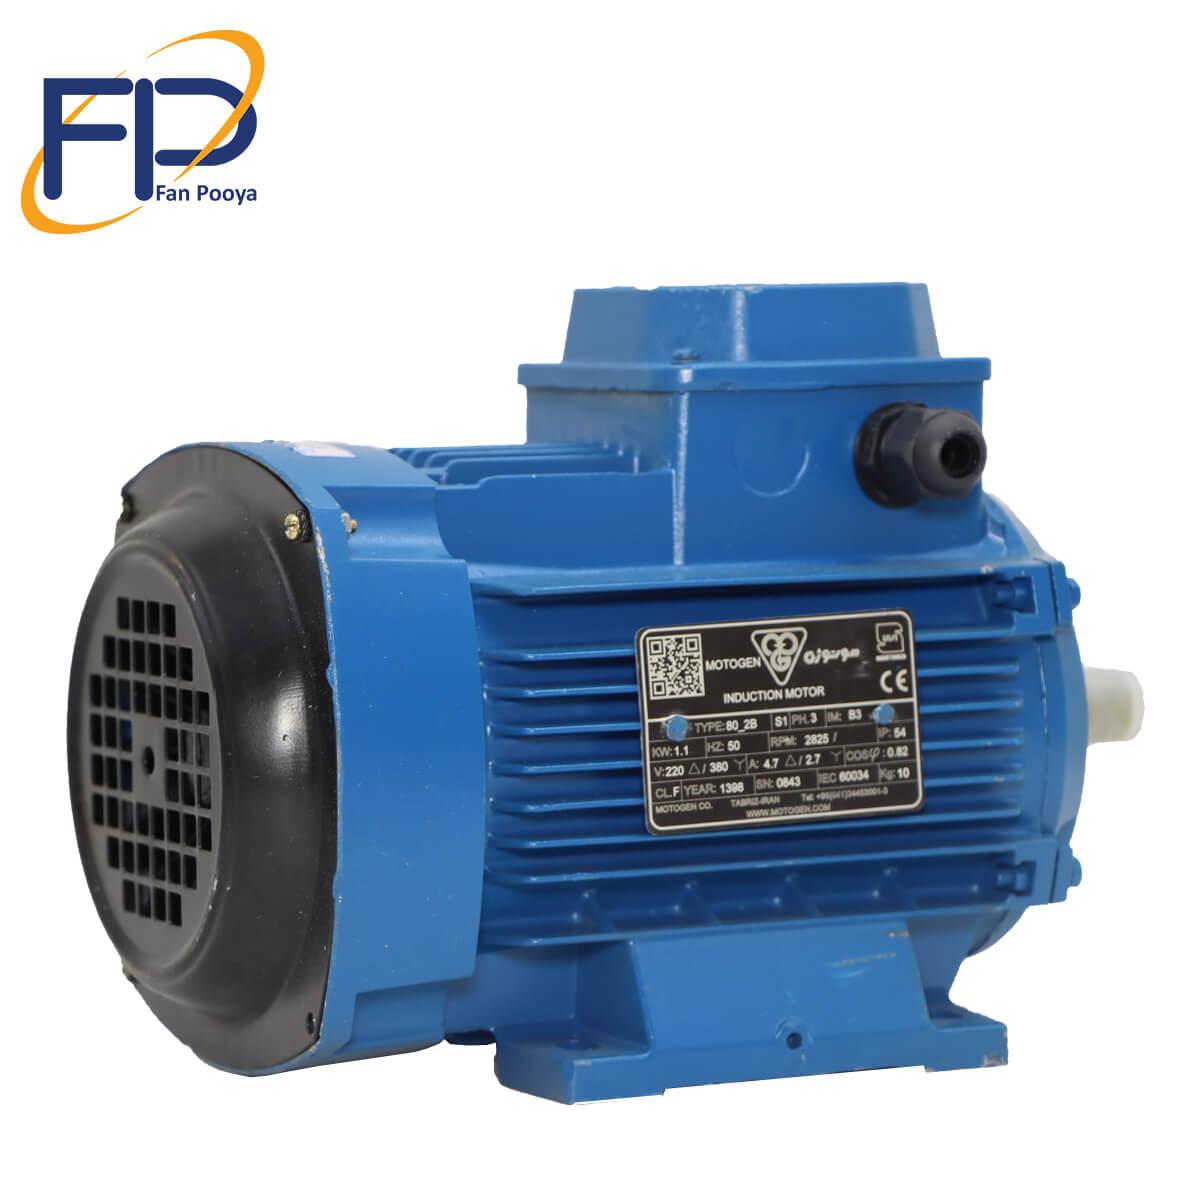 الکترو موتور موتوژن قدرت 0.18kw کیلو وات3000دور